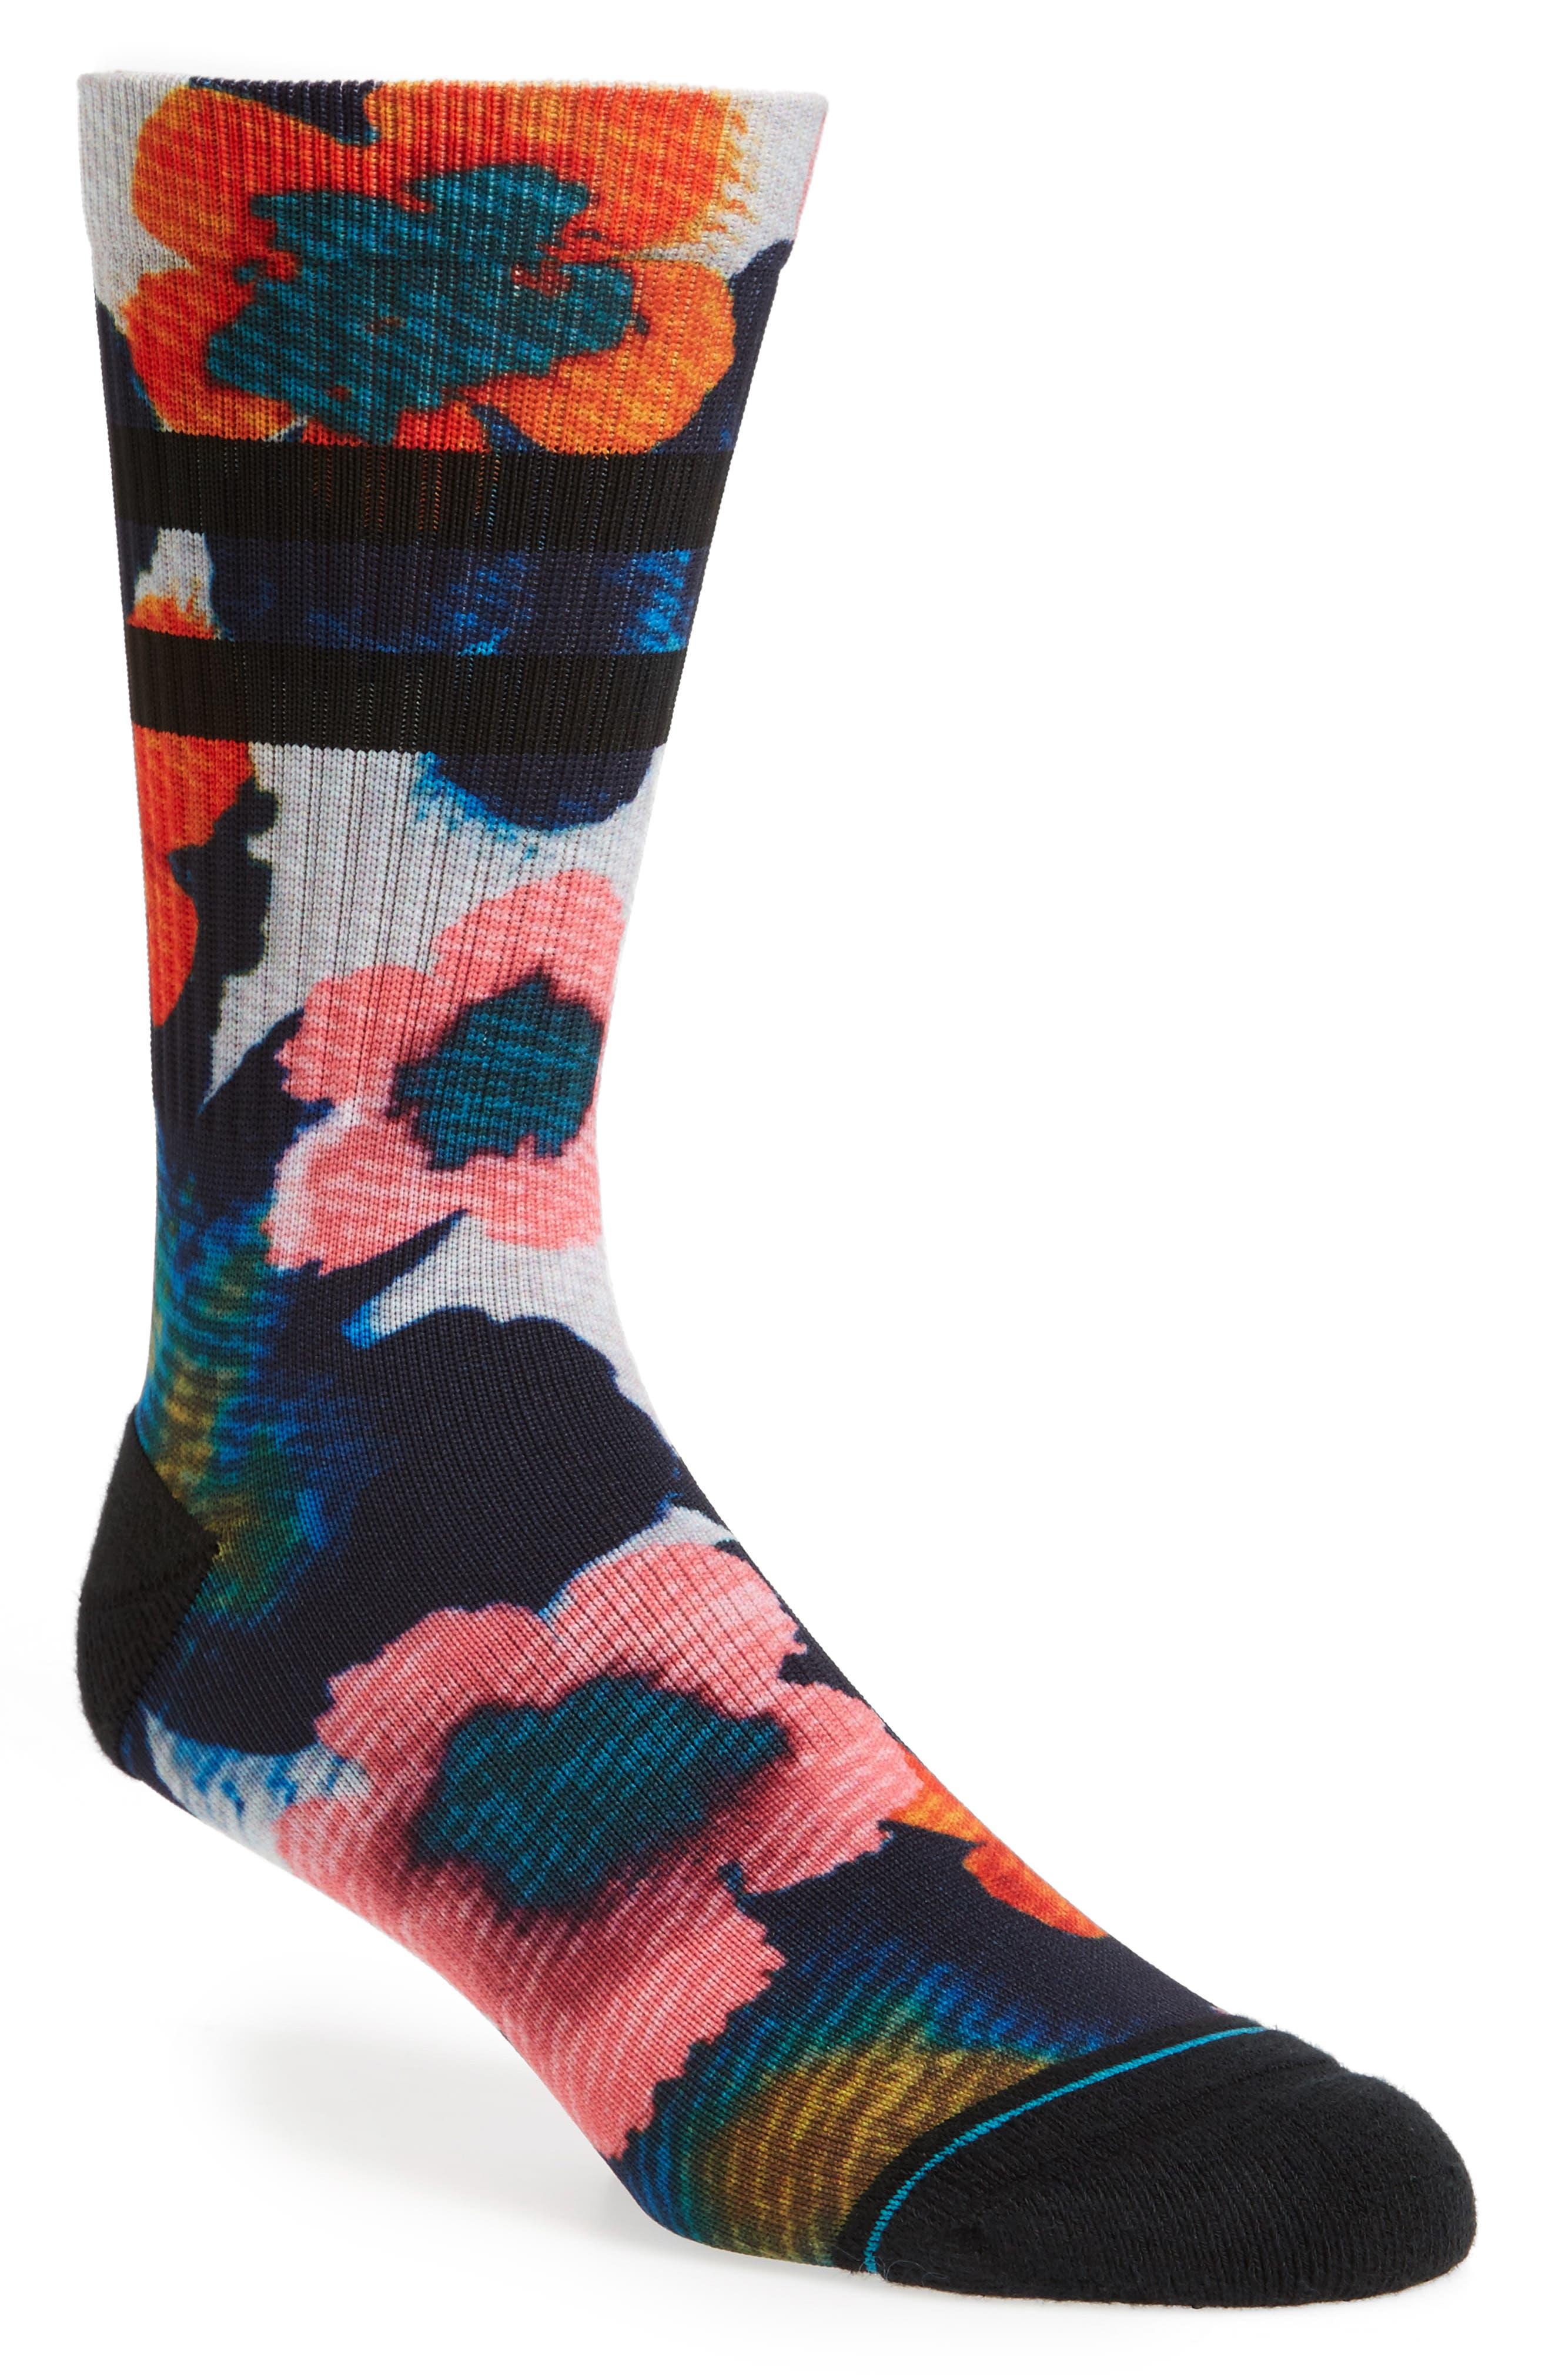 Frangipani Floral Socks,                             Main thumbnail 1, color,                             Black/ Orange Multi